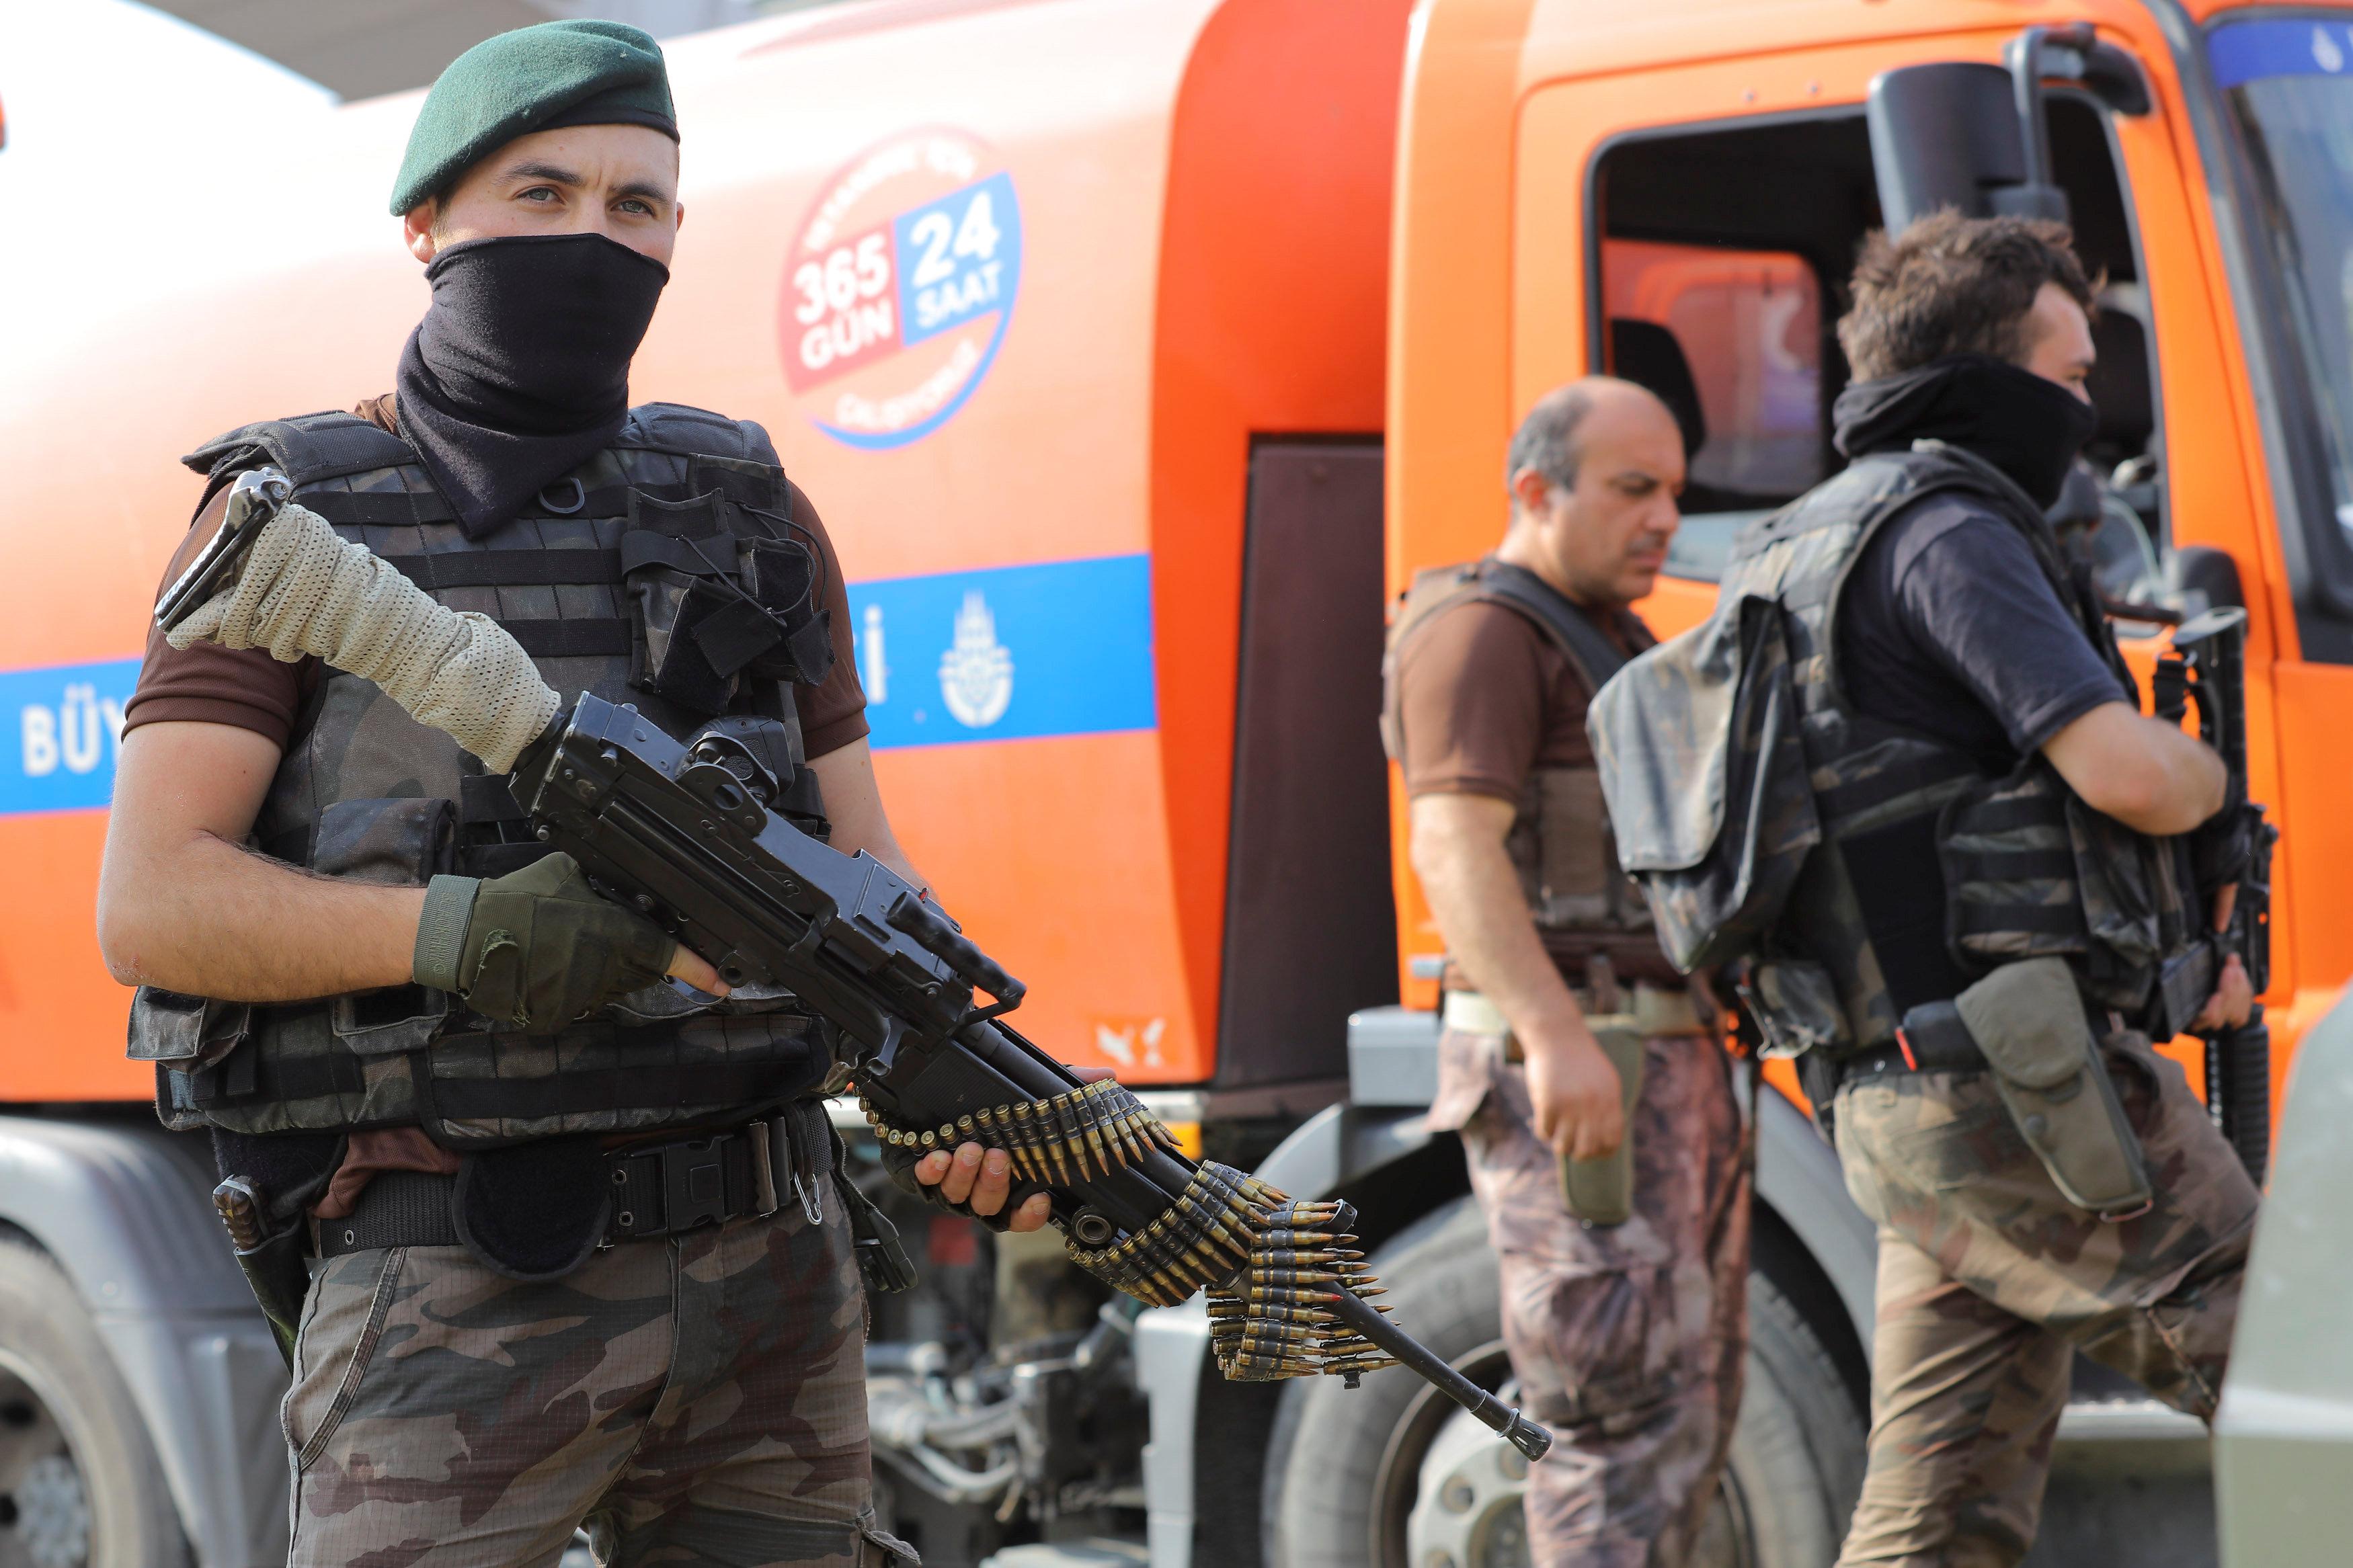 Μέλη των ειδικών δυνάμεων της Αστυνομίας (PÖH) περιφρουρούν την Ακαδημία Πολέμου της Τουρκικής Αεροπορίας στην Κωνσταντινούπολη στις 18 Ιουλίου 2016. Ο υπουργός Εσωτερικών Efkan Ala ανακοίνωσε την περαιτέρω στρατιωτικοποίηση της Τουρκικής Αστυνομίας με την παραλαβή βαρέως οπλισμού.